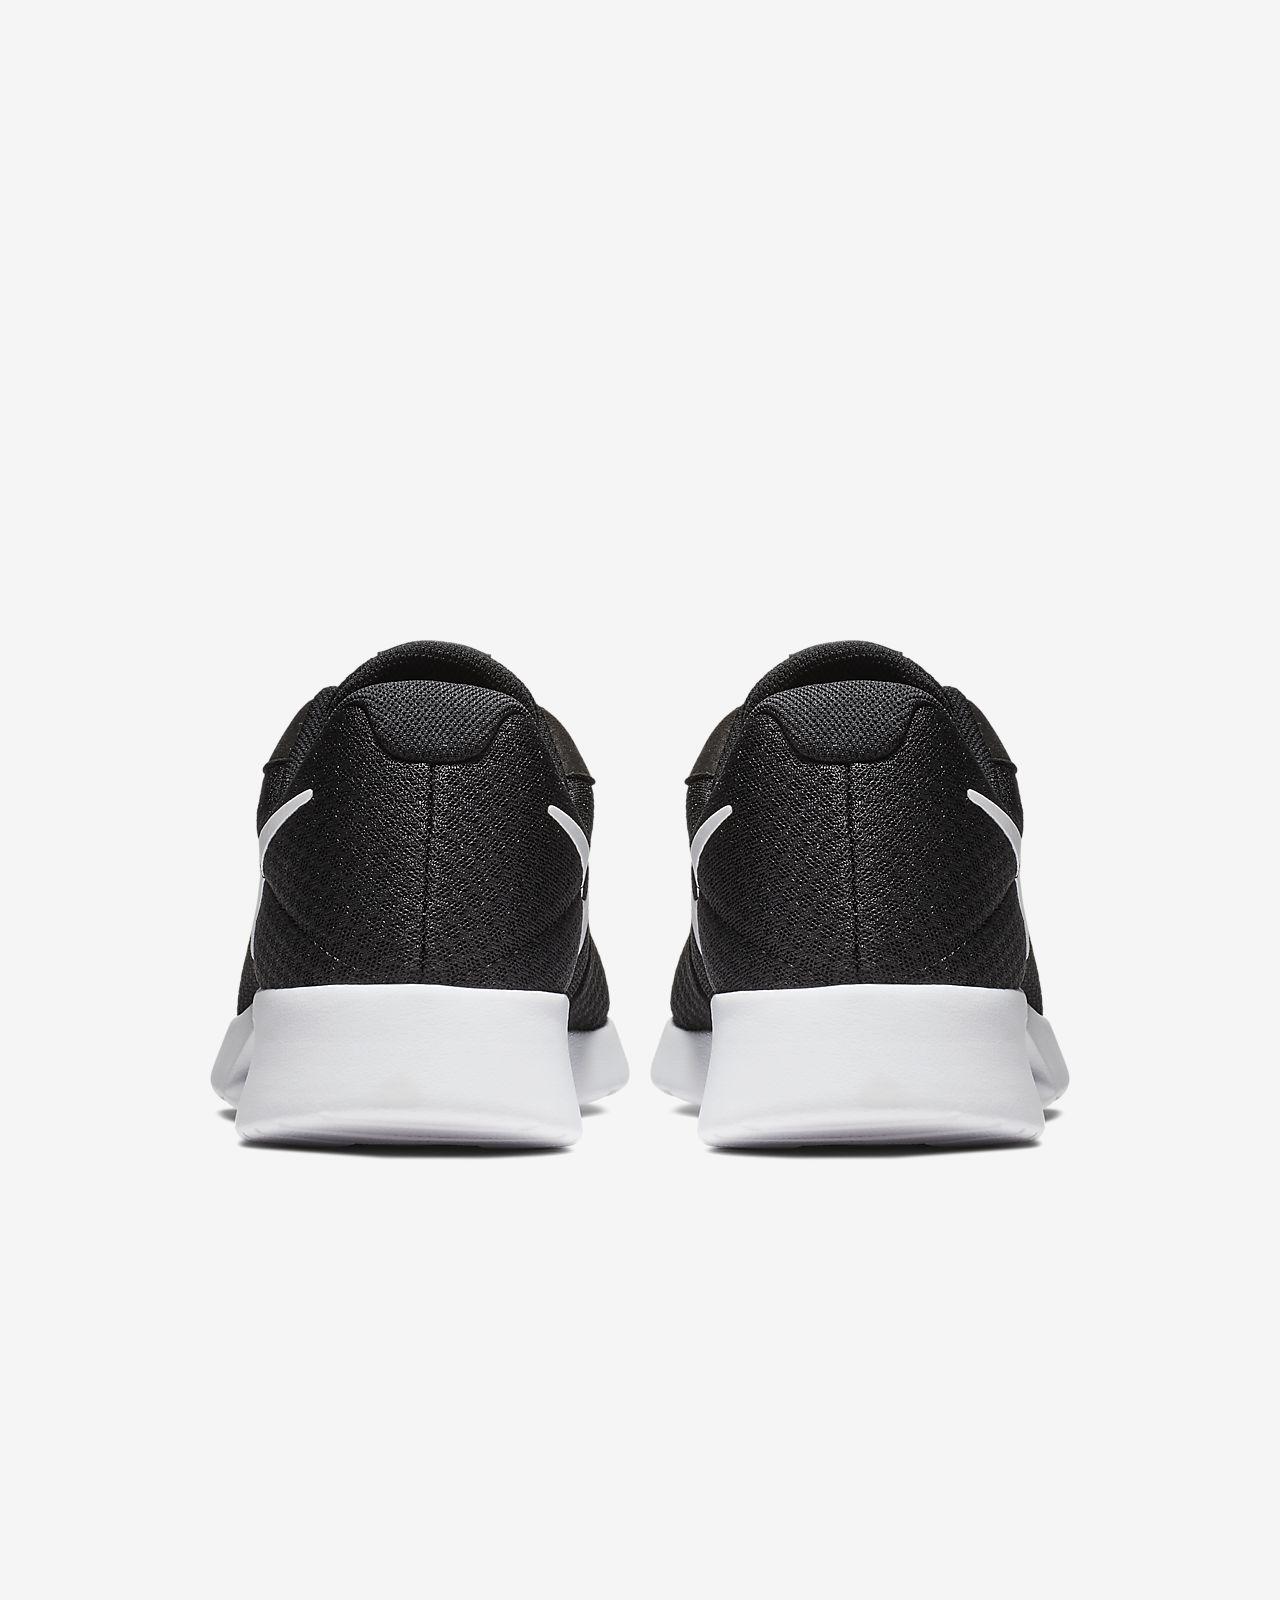 Tenis Nike Tanjun Racer 2018 Original Los Mas Nuevo